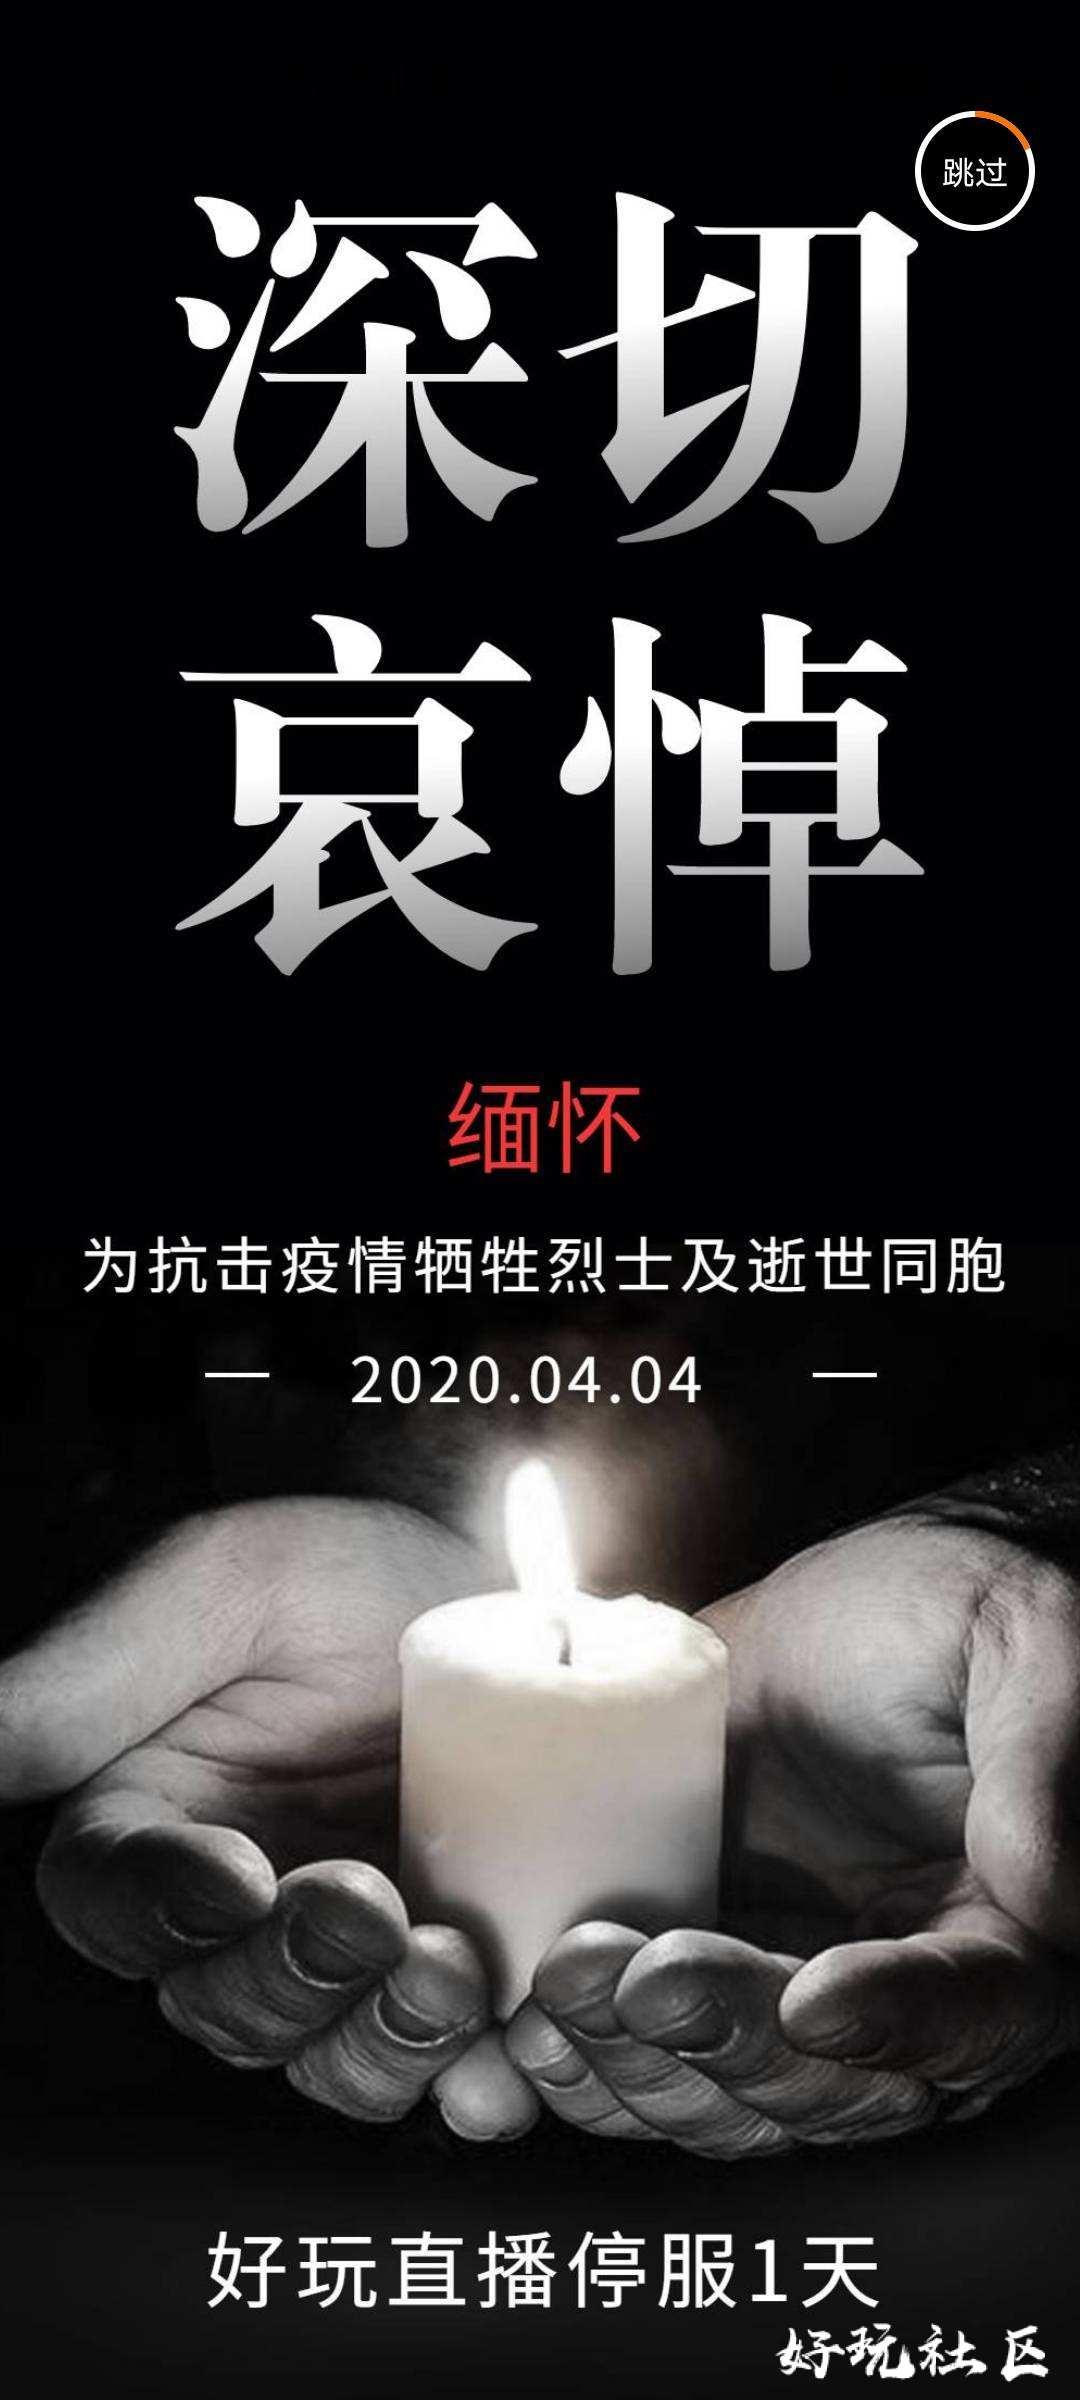 深切哀悼深切哀悼抗疫烈士和逝世同胞